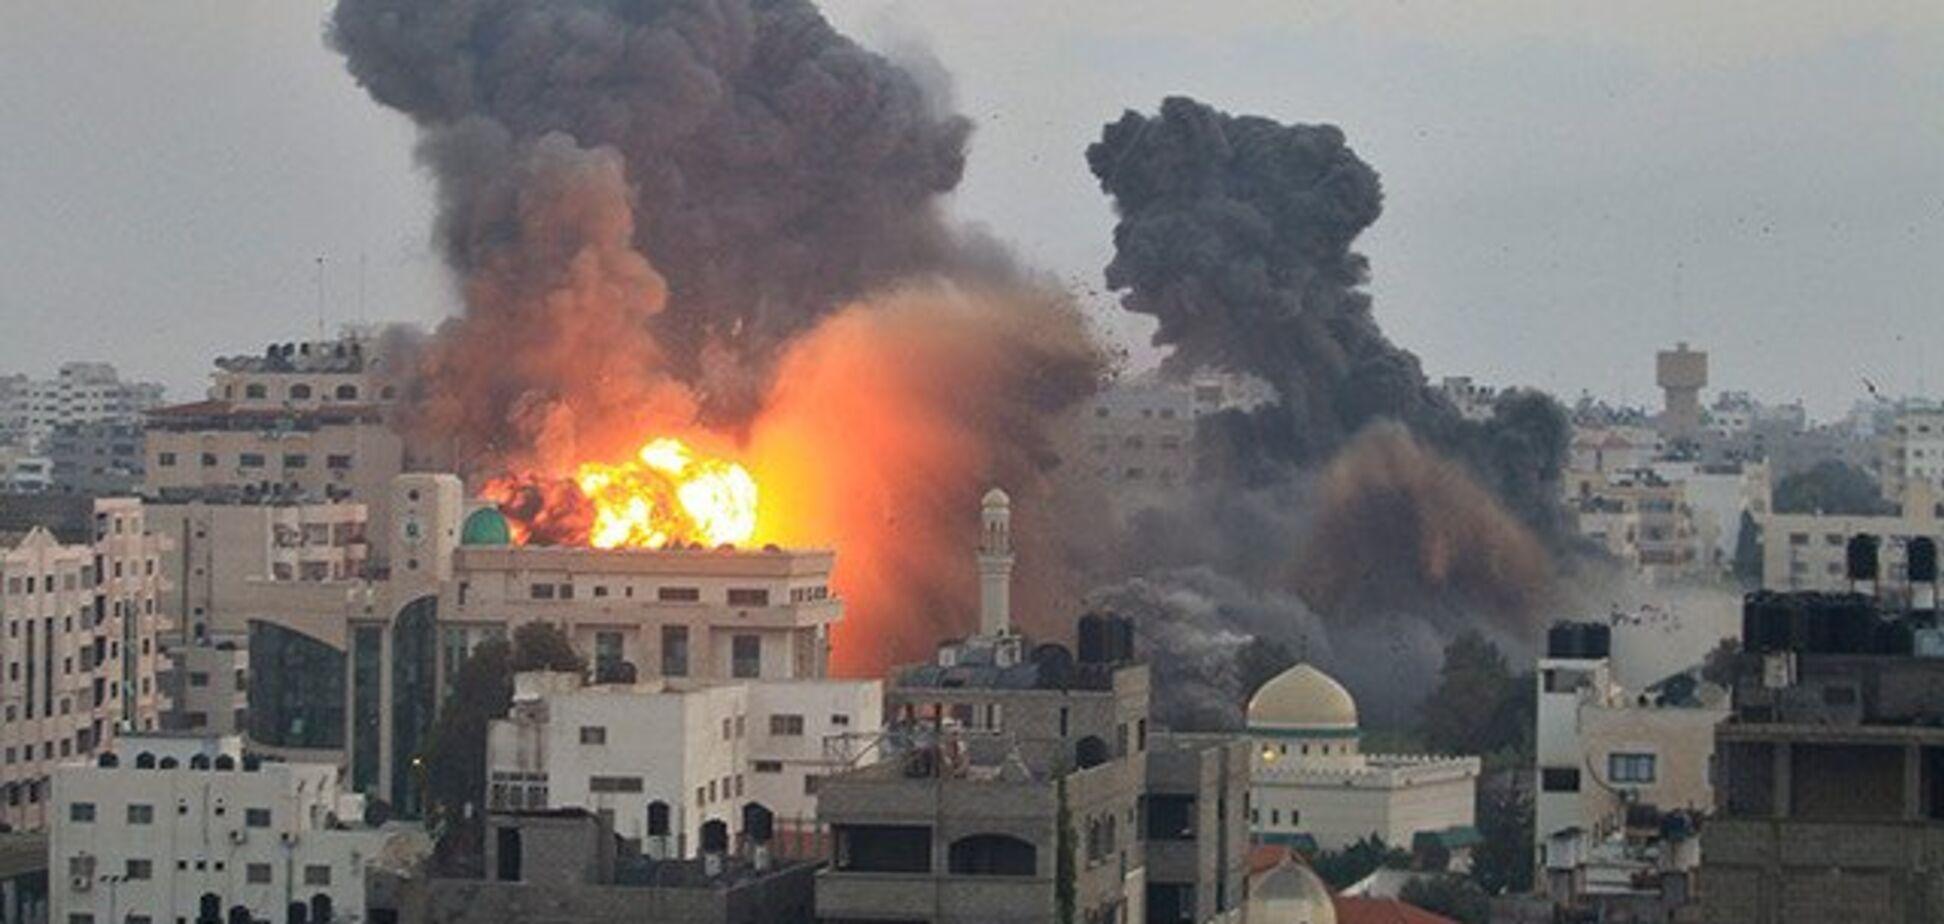 Не сектор Газа: Ізраїлю передрекли війну на іншому фронті